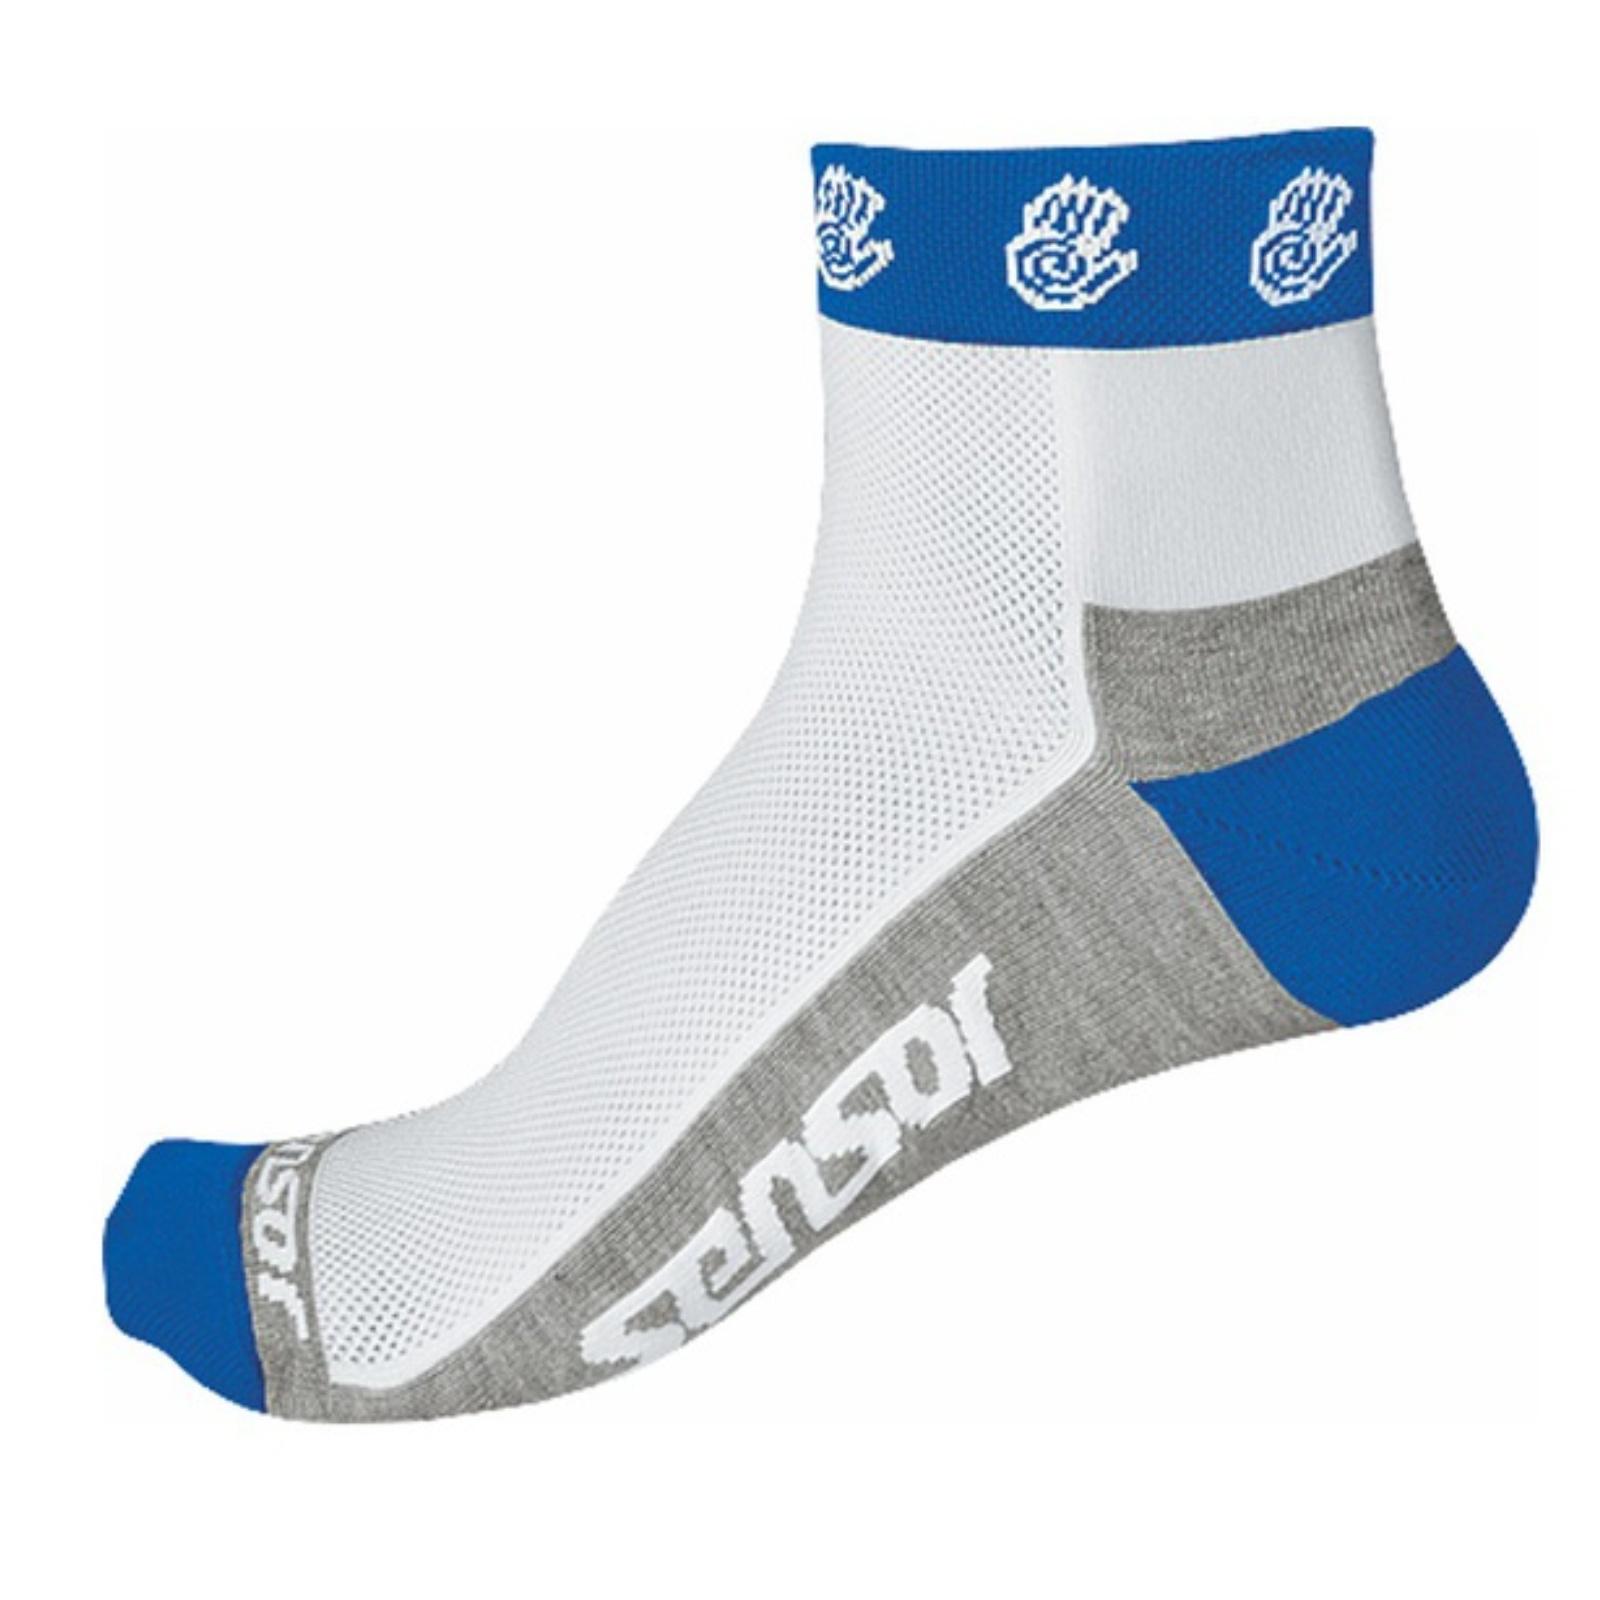 Ponožky SENSOR Race Lite Ručičky modré vel. 3-5